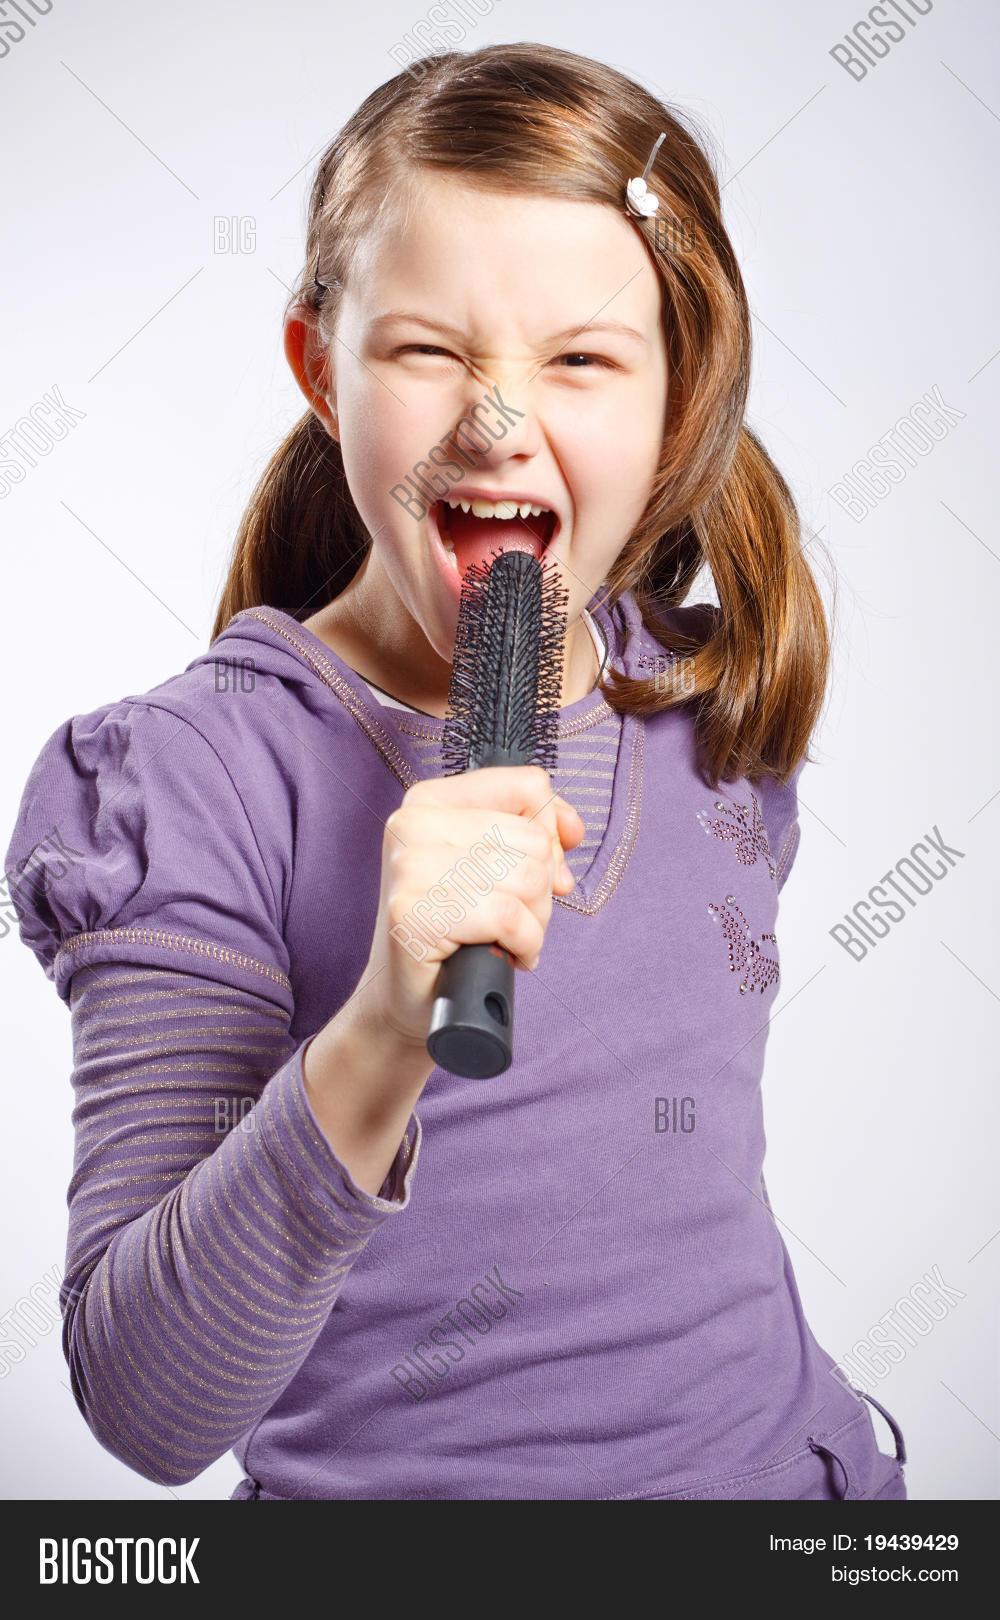 niña cantando usando un cepillo para el pelo como micrófono d64948123c15